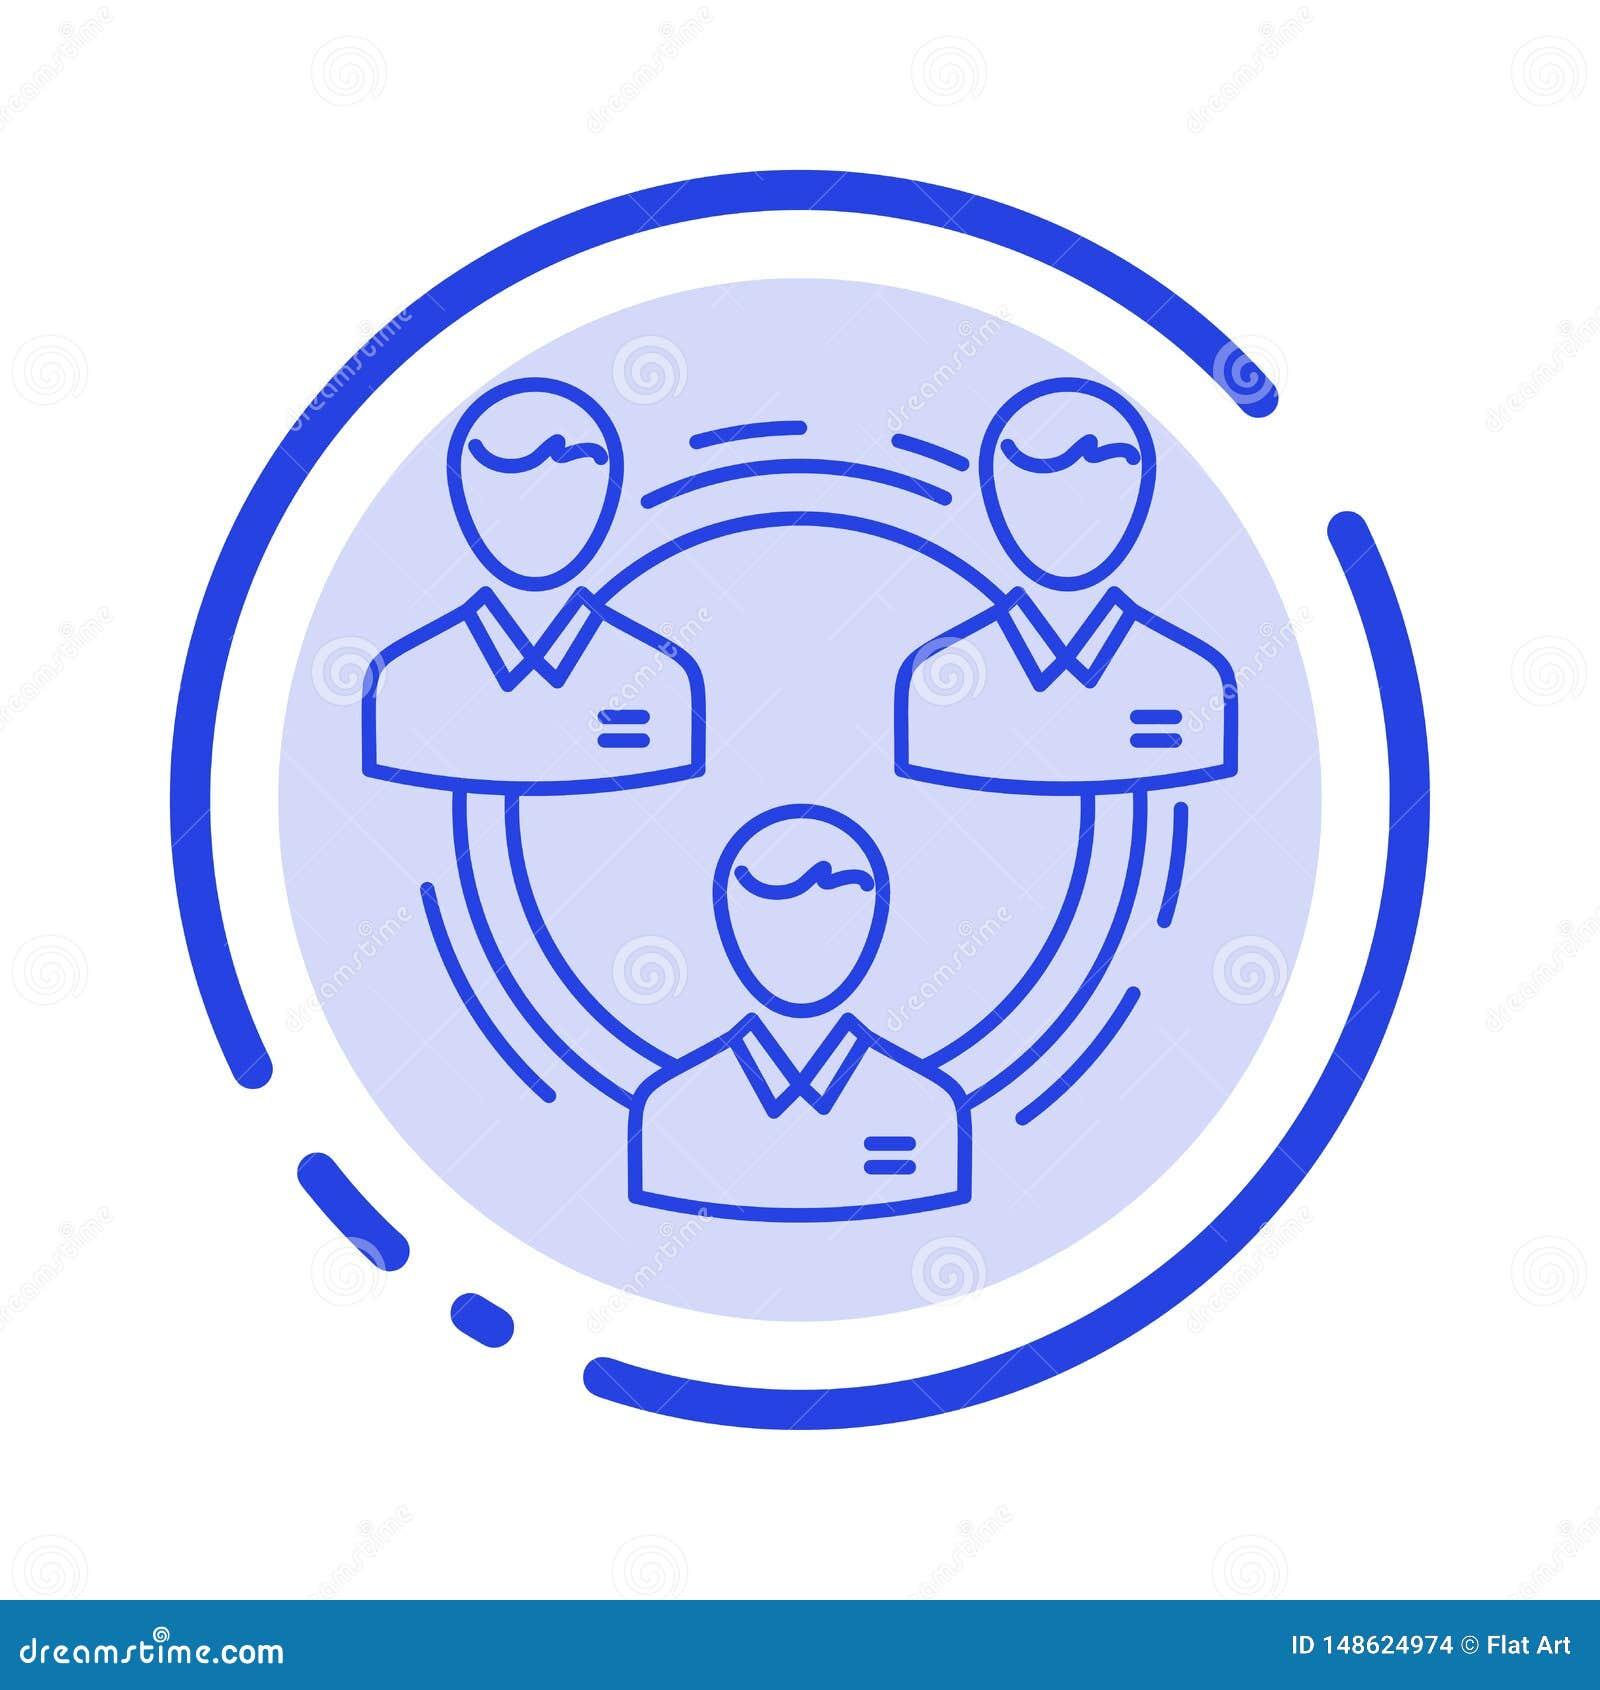 团队、业务、通信、层次、人员、社会、结构蓝点线图标